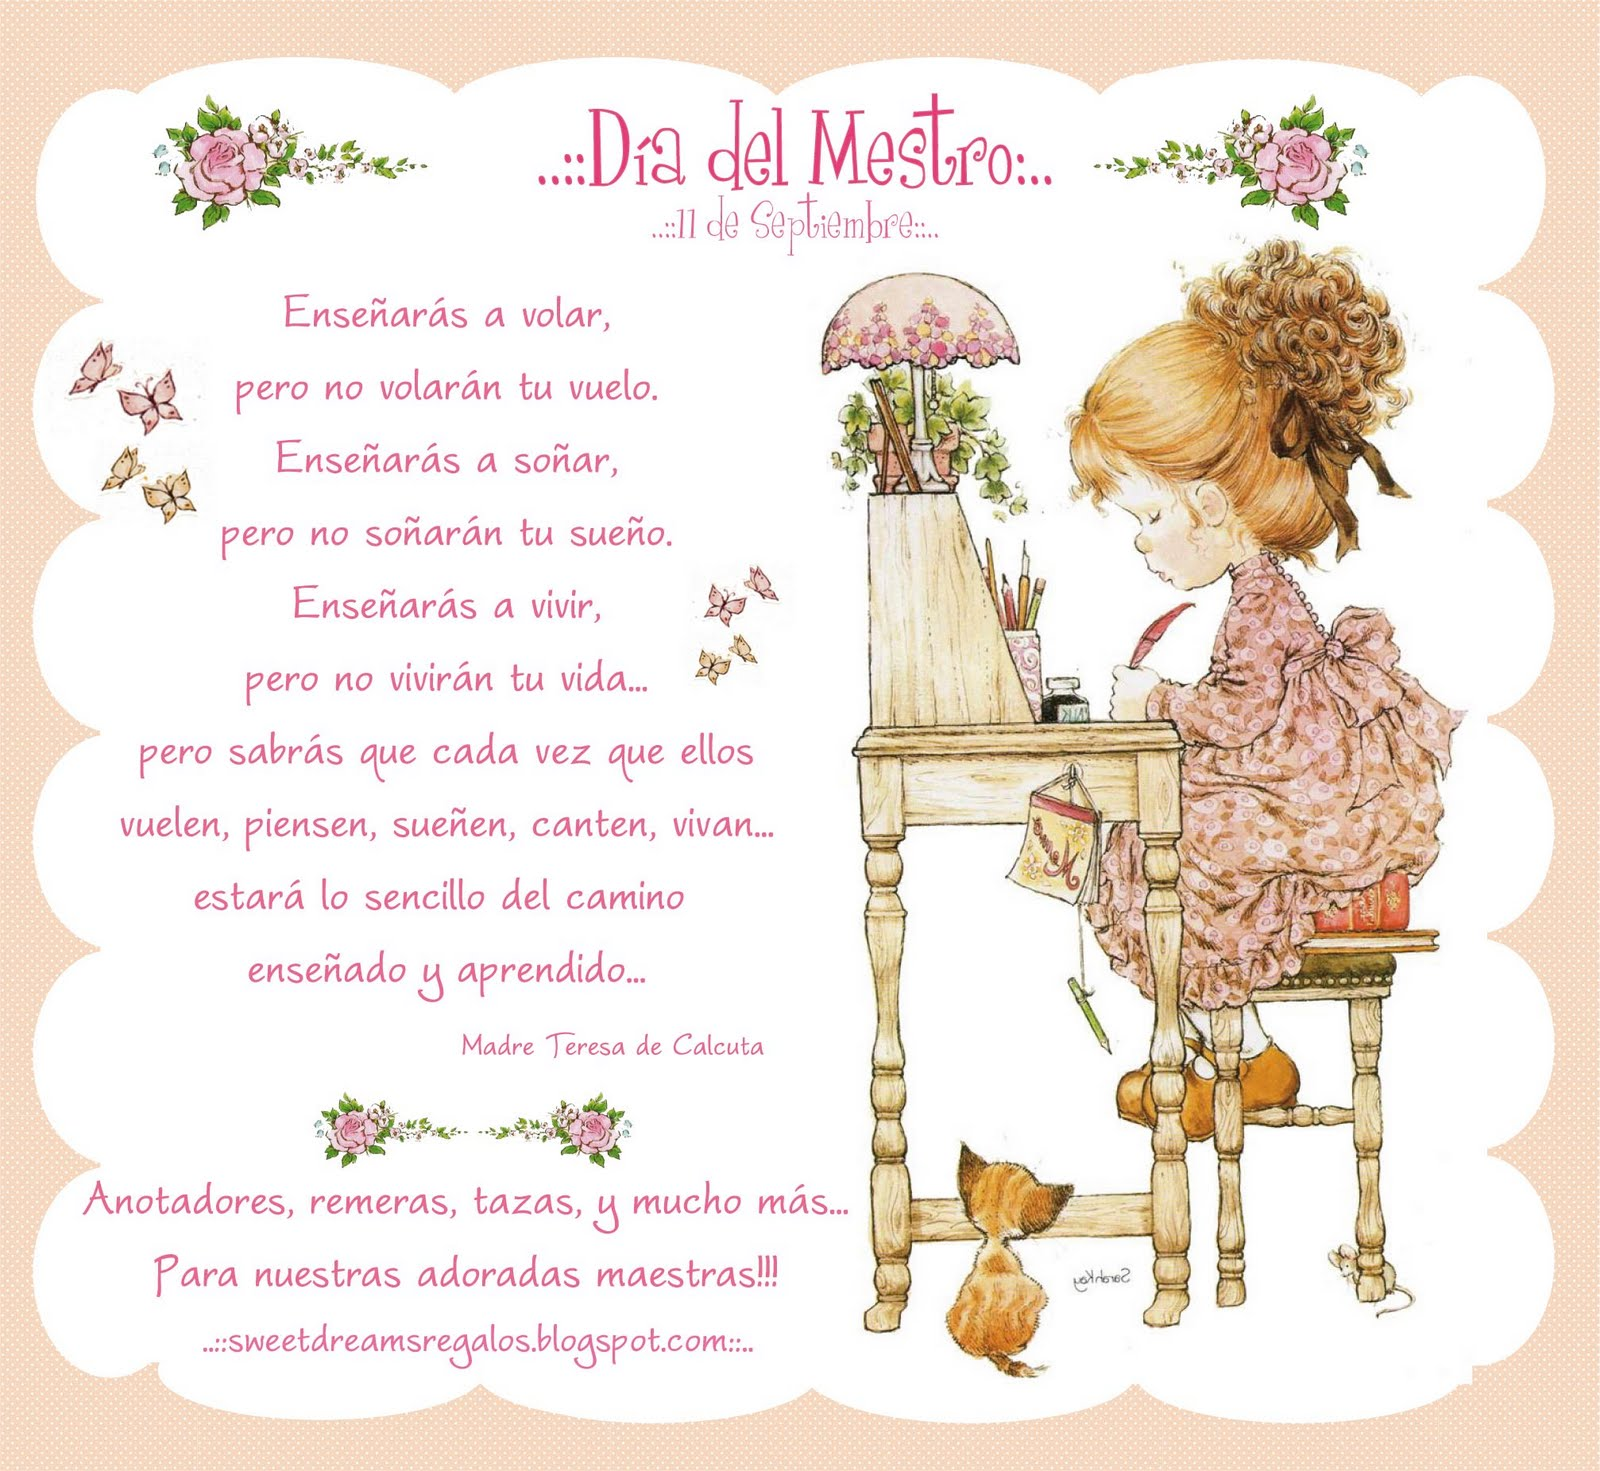 Frases, citas célebres y poemas para el Día del Maestro